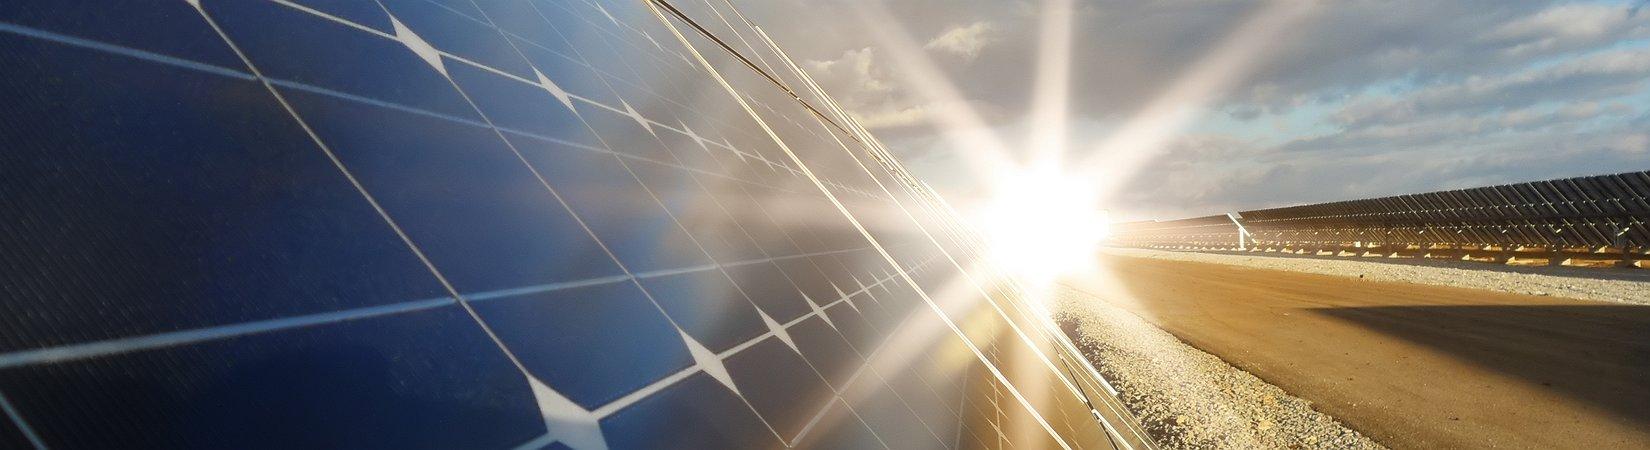 Tesla completa la construcción de plantas de energía solar en Hawái